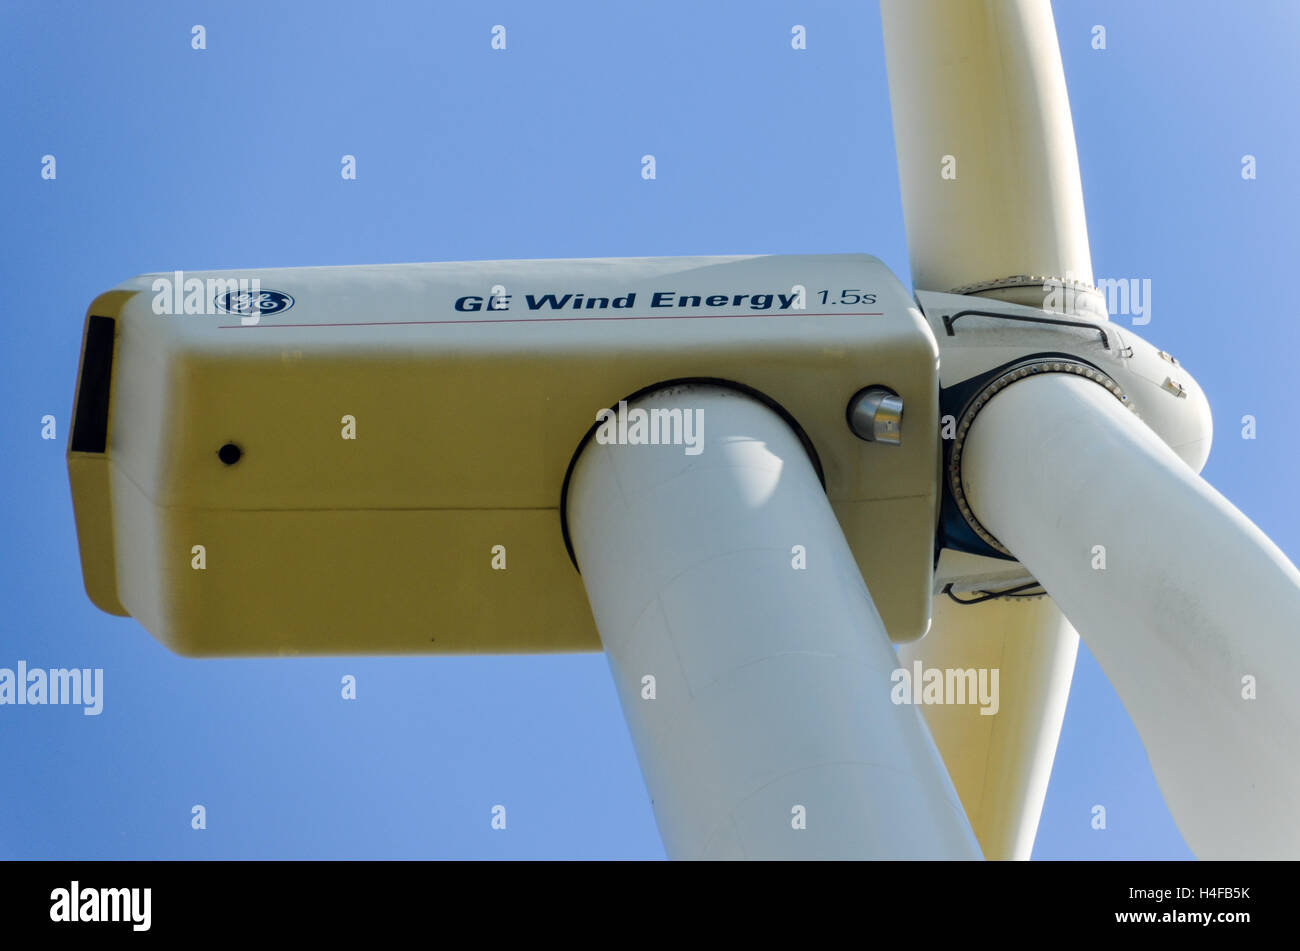 GE Wind Energy 1.5 MW turbina Immagini Stock